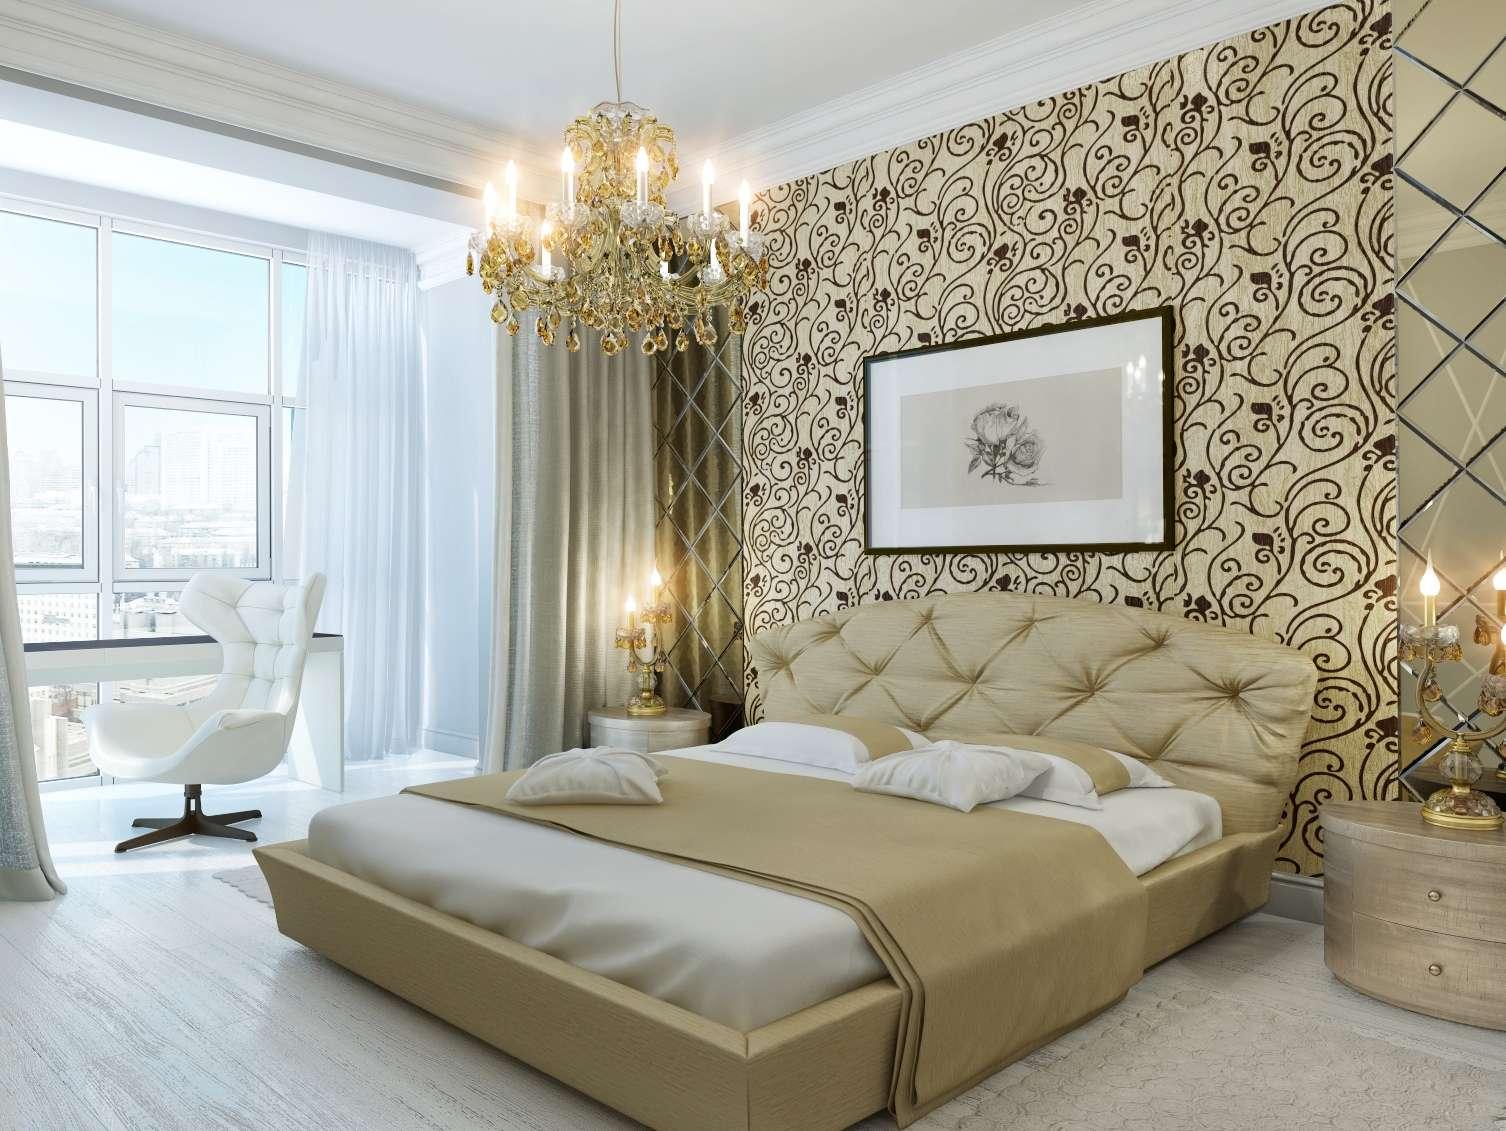 дизайн комбинированных обоев 2 видов для спальни фото и варианты